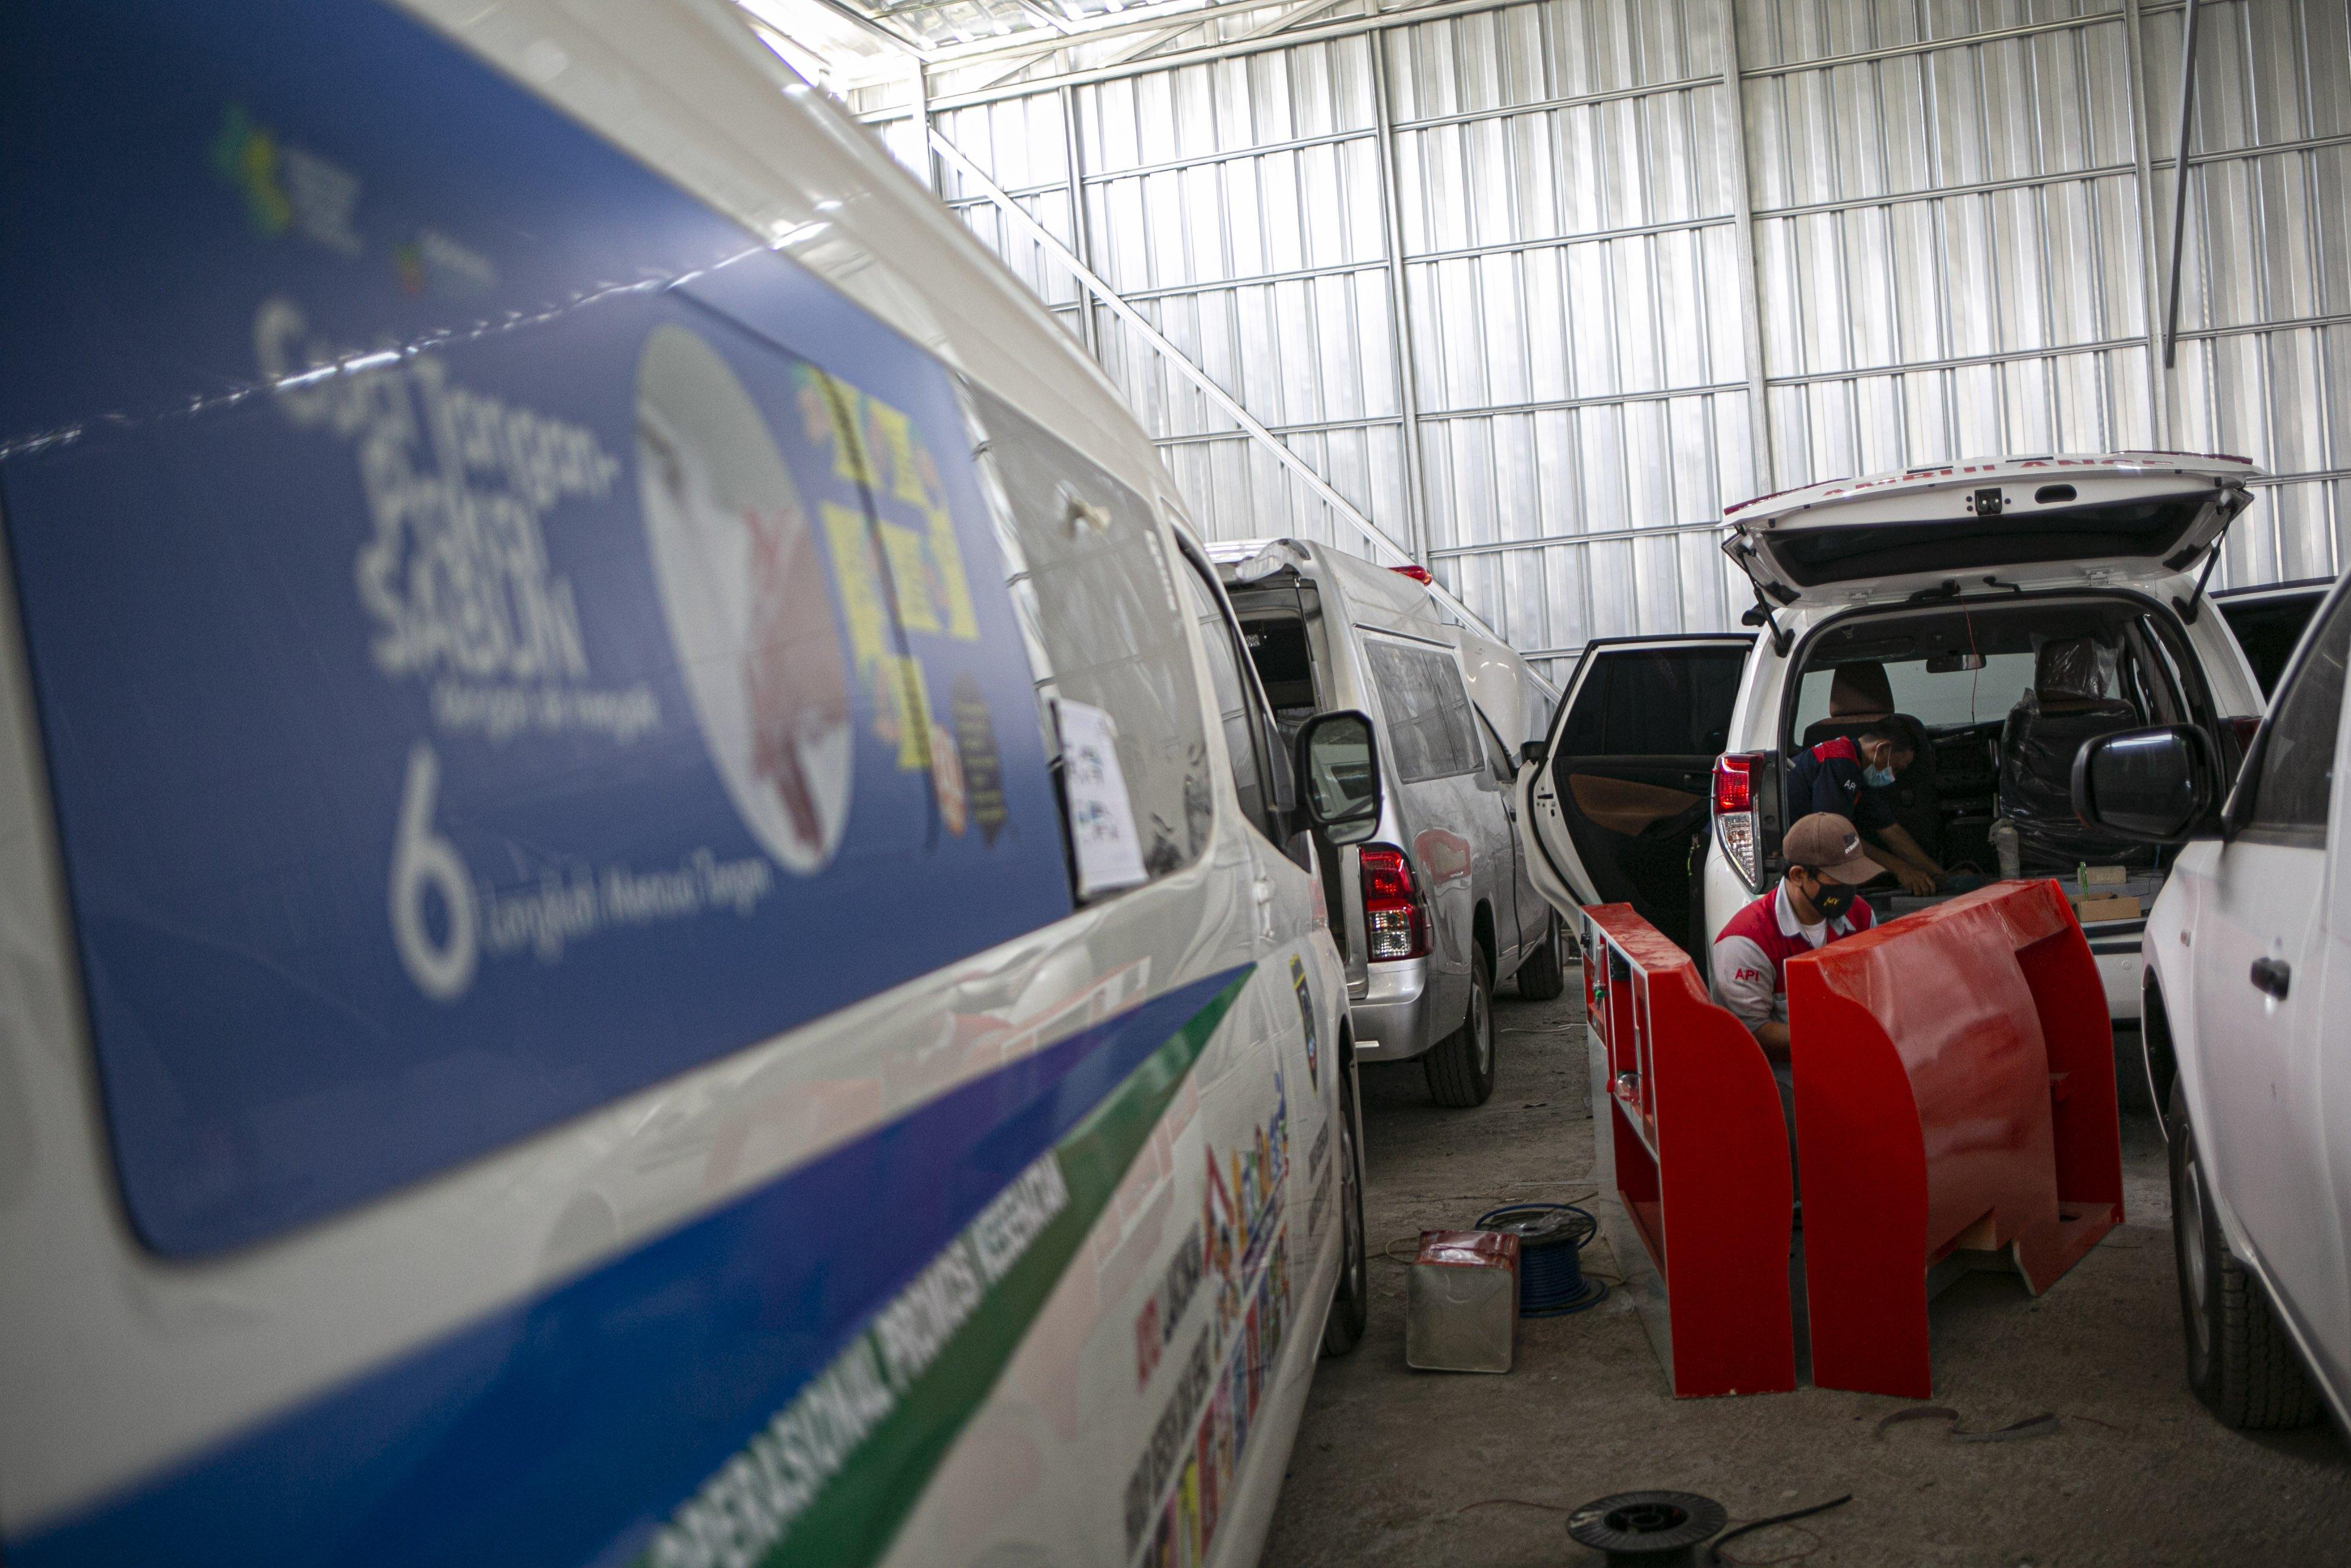 Pekerja menyelesaikan perakitan mobil ambulans di Babelan, Kabupaten Bekasi, Jawa Barat, Rabu (30/9/2020). Perakitan mobil ambulans meningkat 100 persen menjadi 800 unit saat pandemi COVID-19 dengan harga Rp20 juta hingga Rp1,5 milliar.